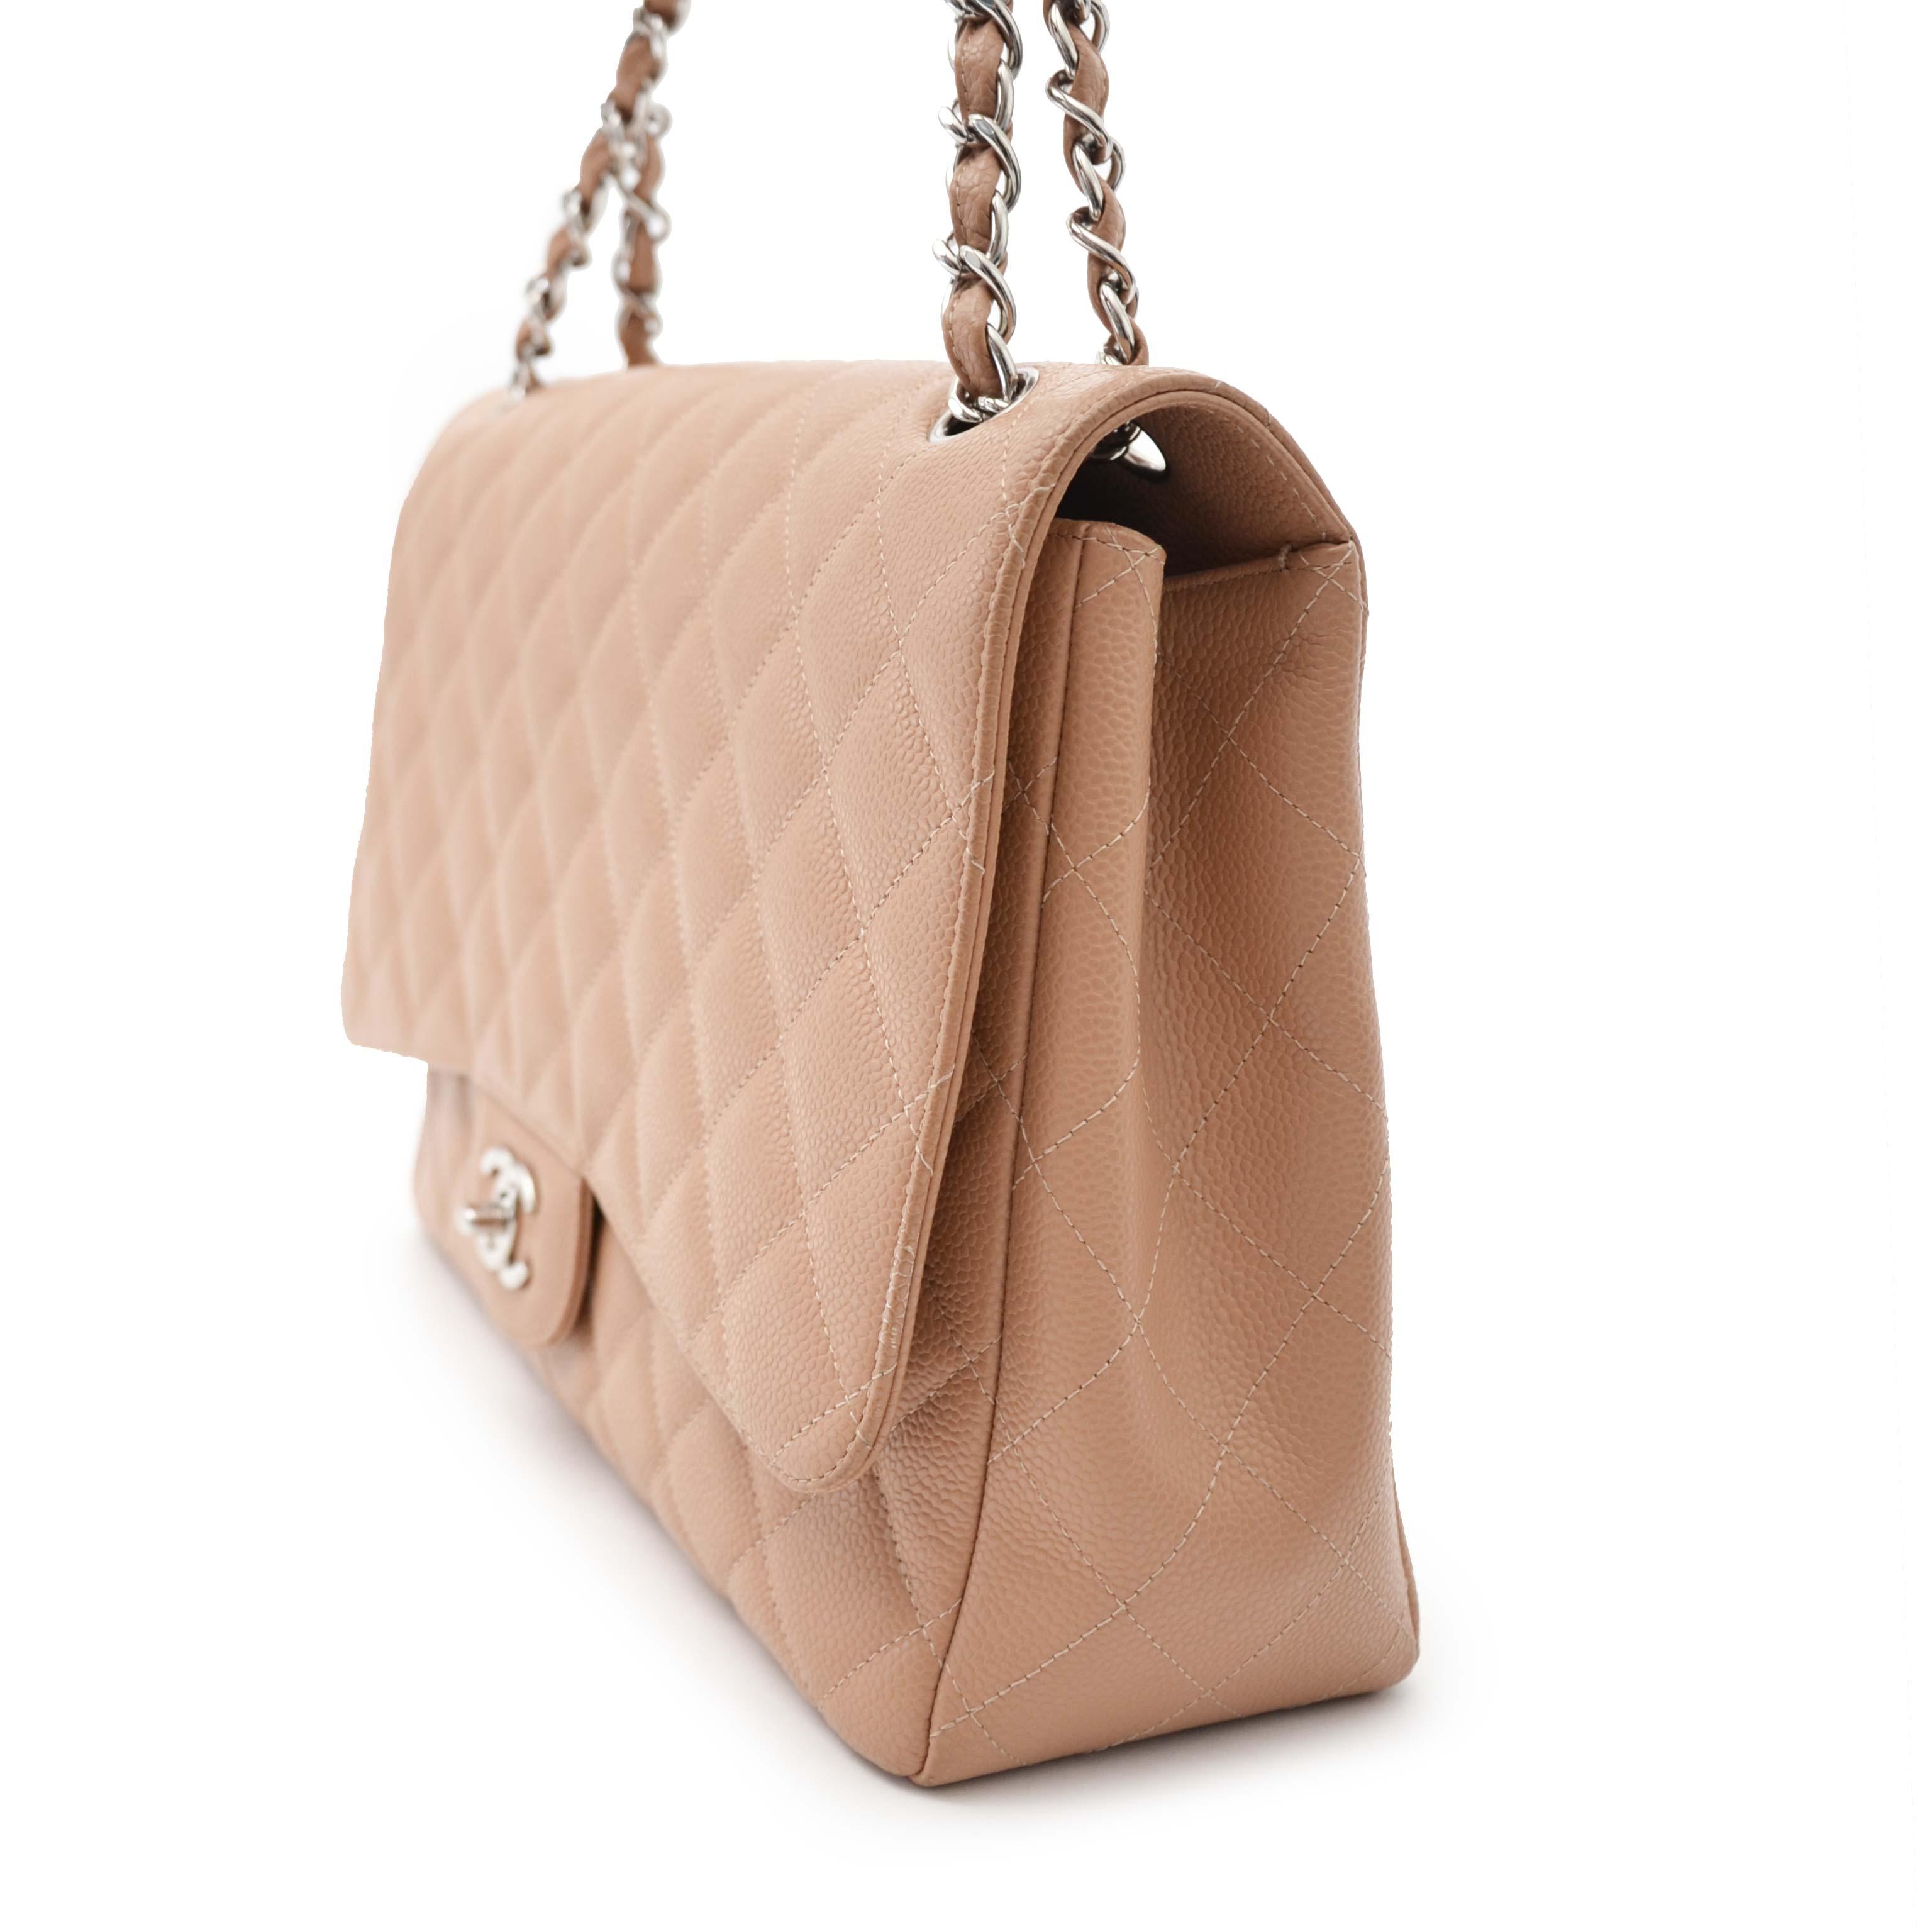 Chanel Beige Caviar Maxi Classic Single Flapbag  pour le meilleur prix